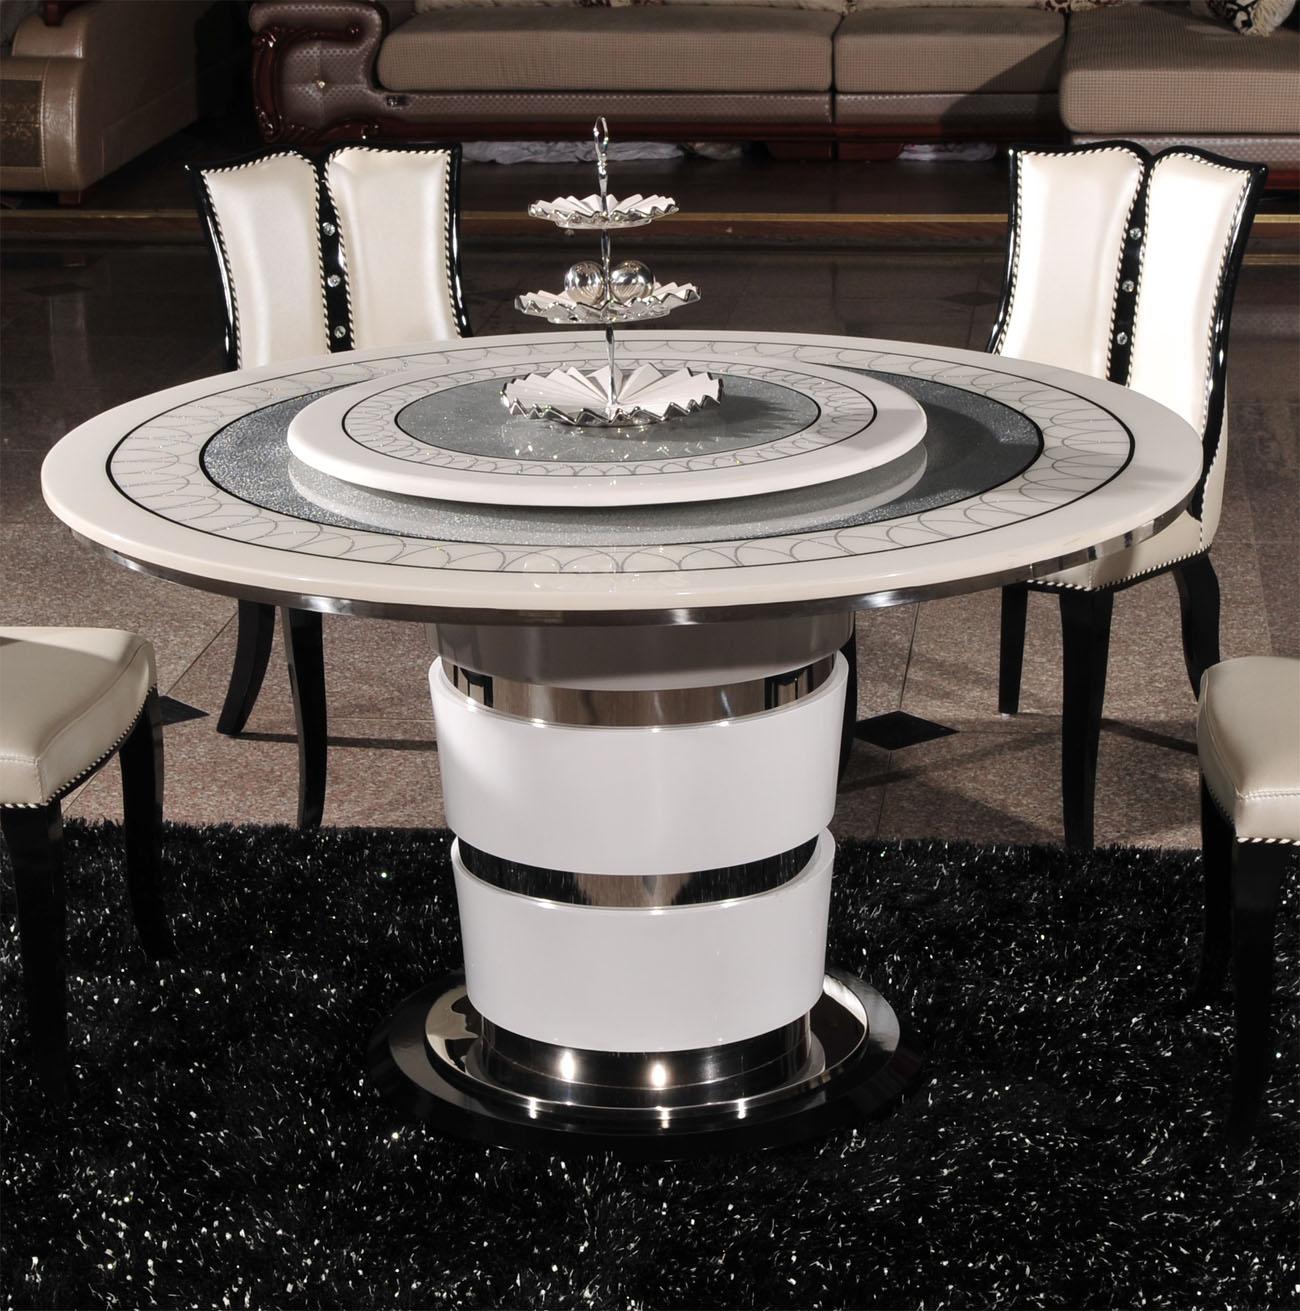 Стол обеденный My e Стиль минимализм Круглой формы